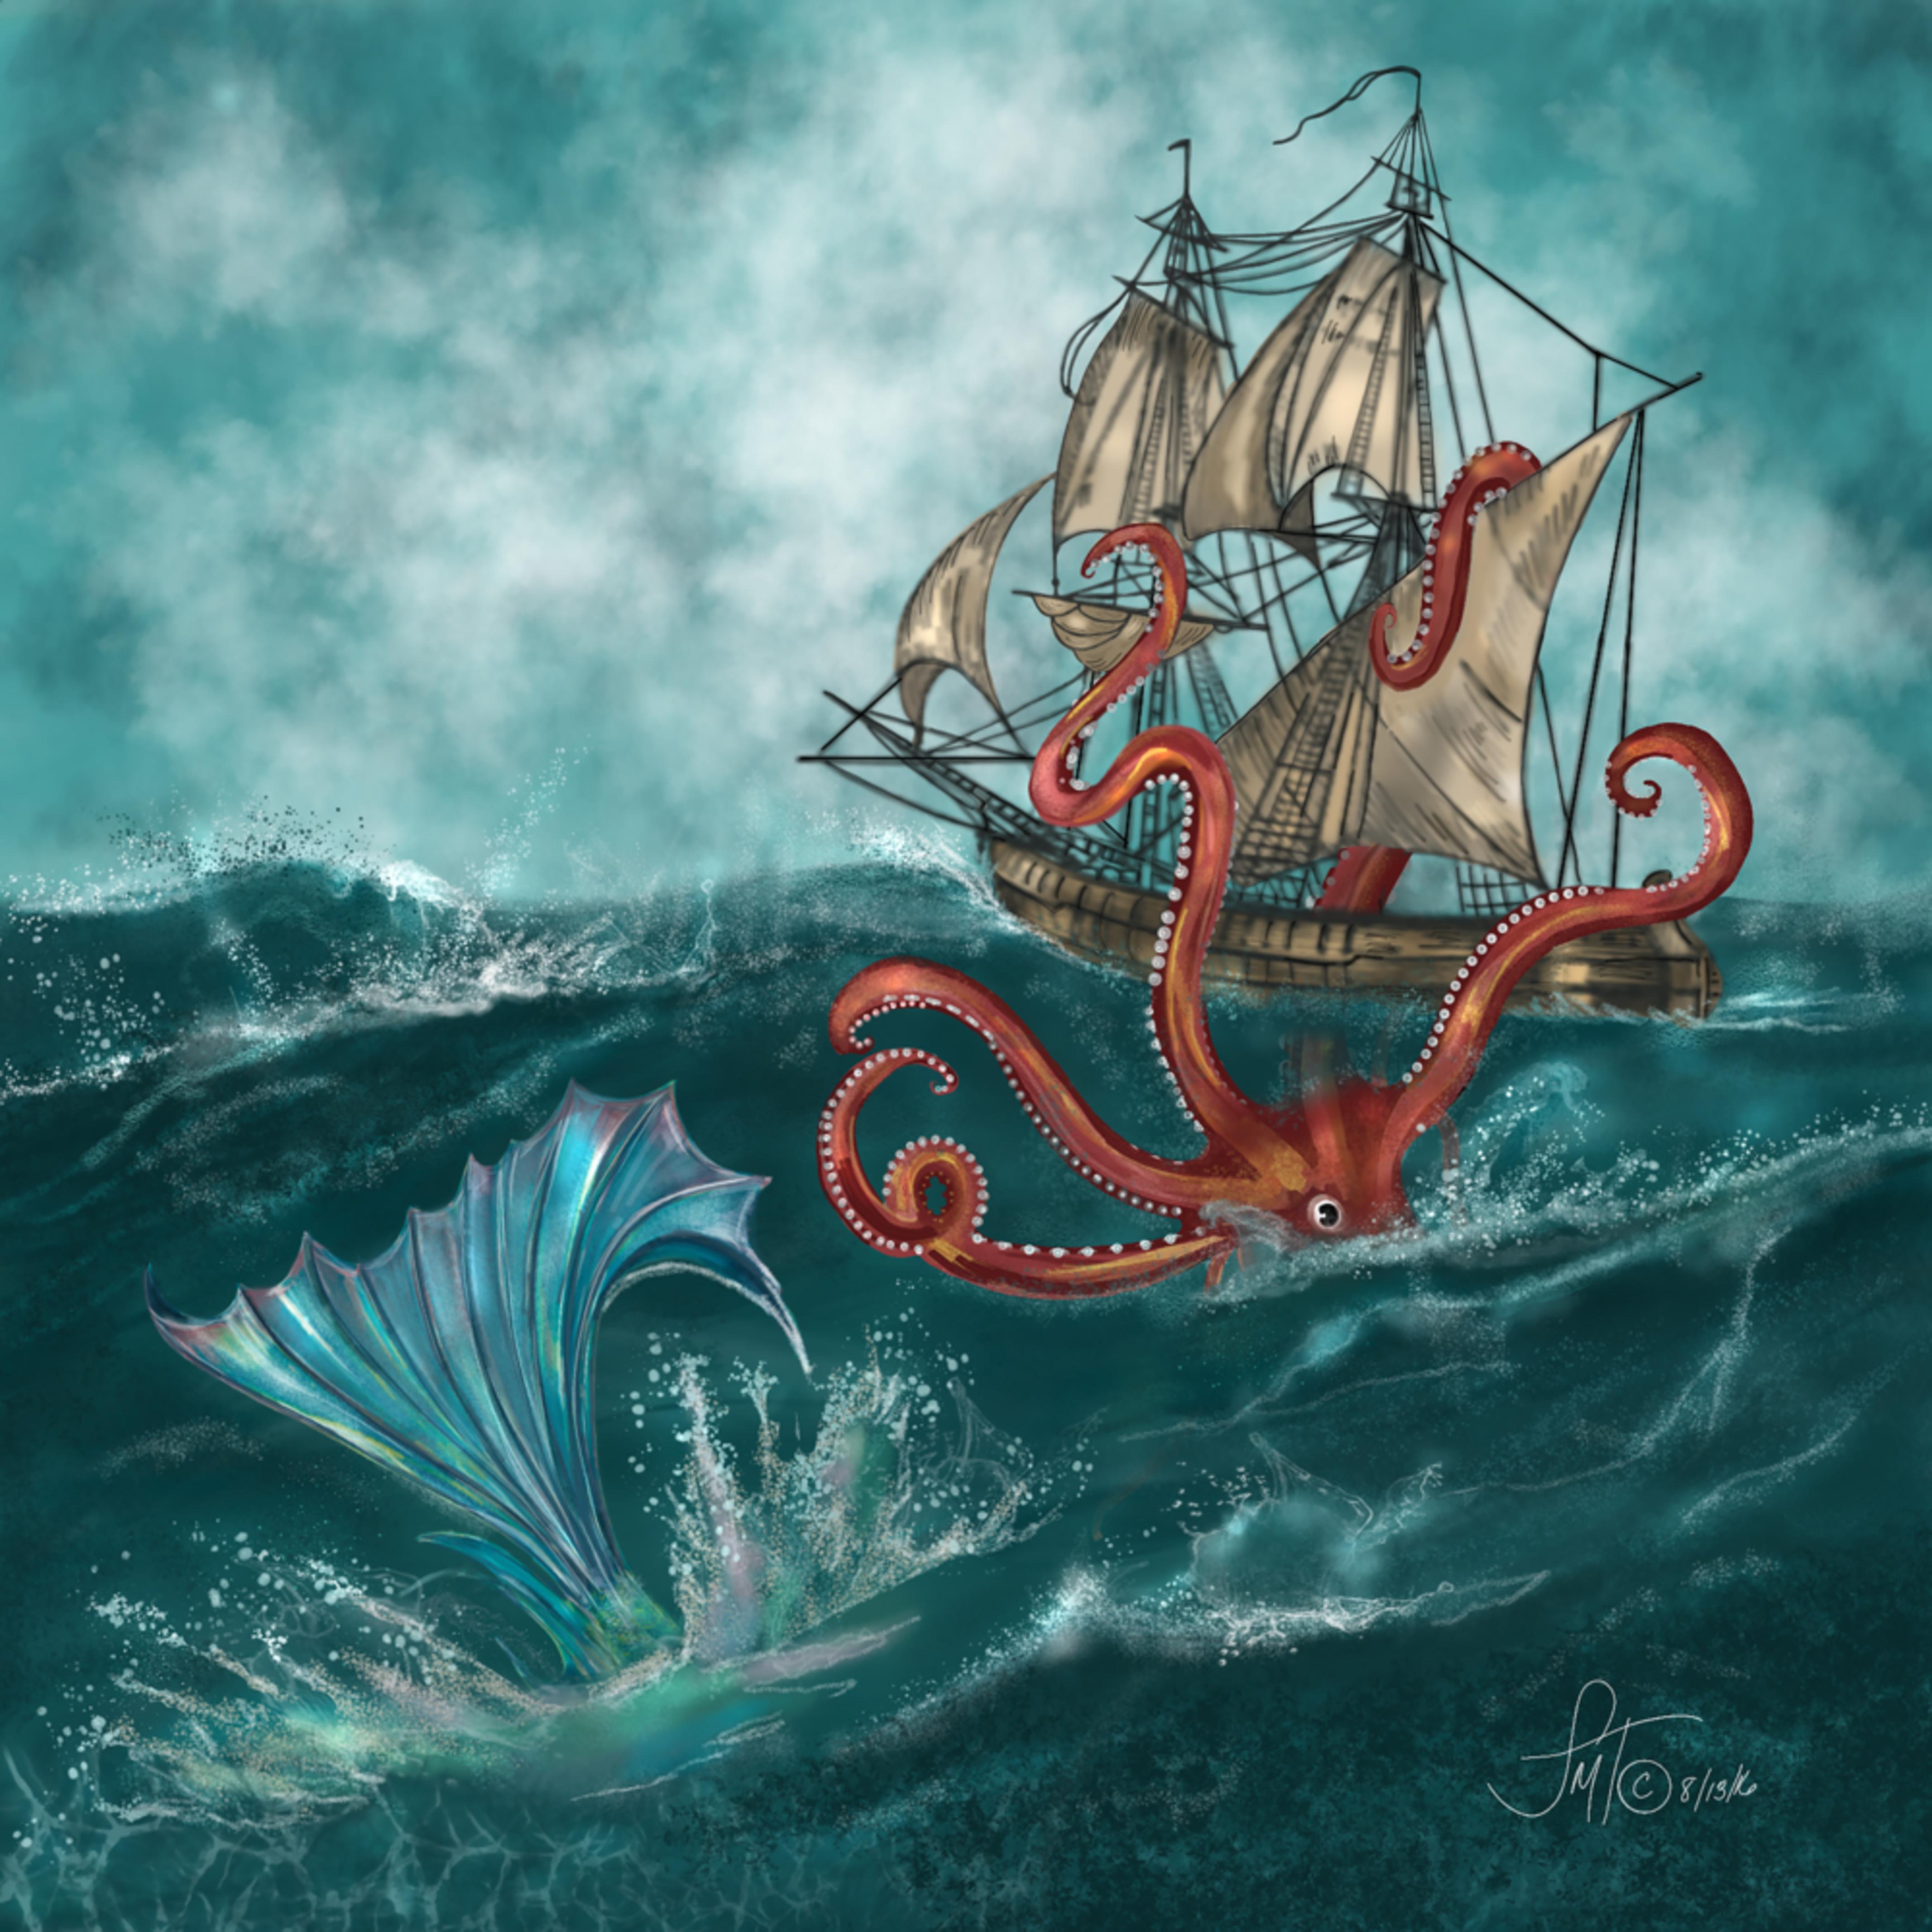 Kraken and the mermaid v4rlsy